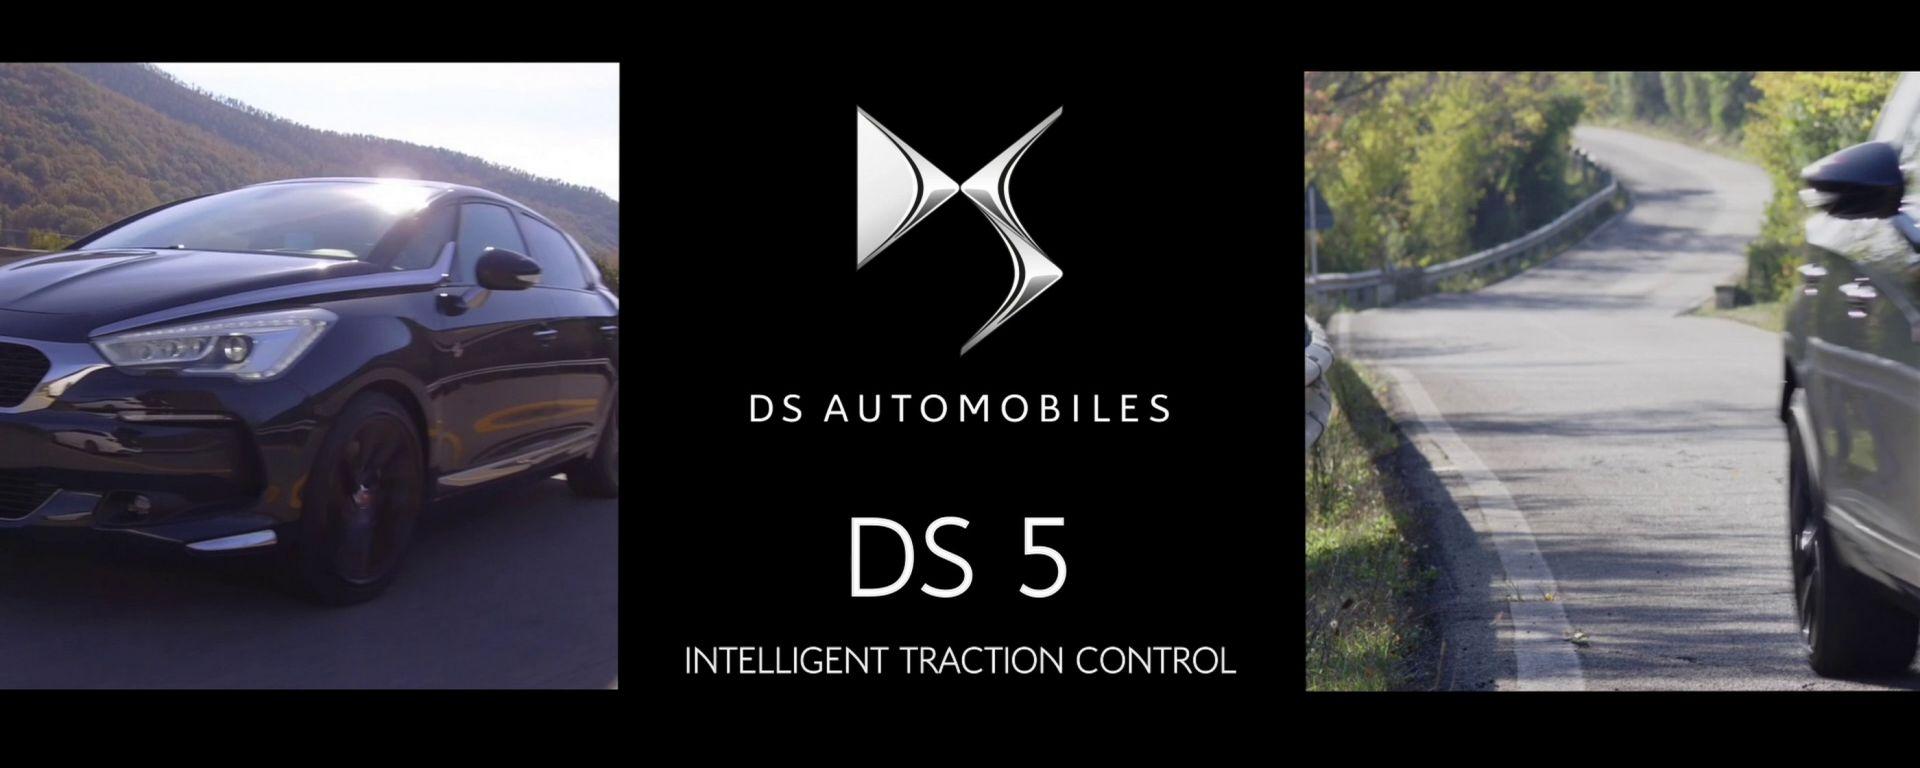 DS 5: un video per raccontare l'Intelligent Traction Control